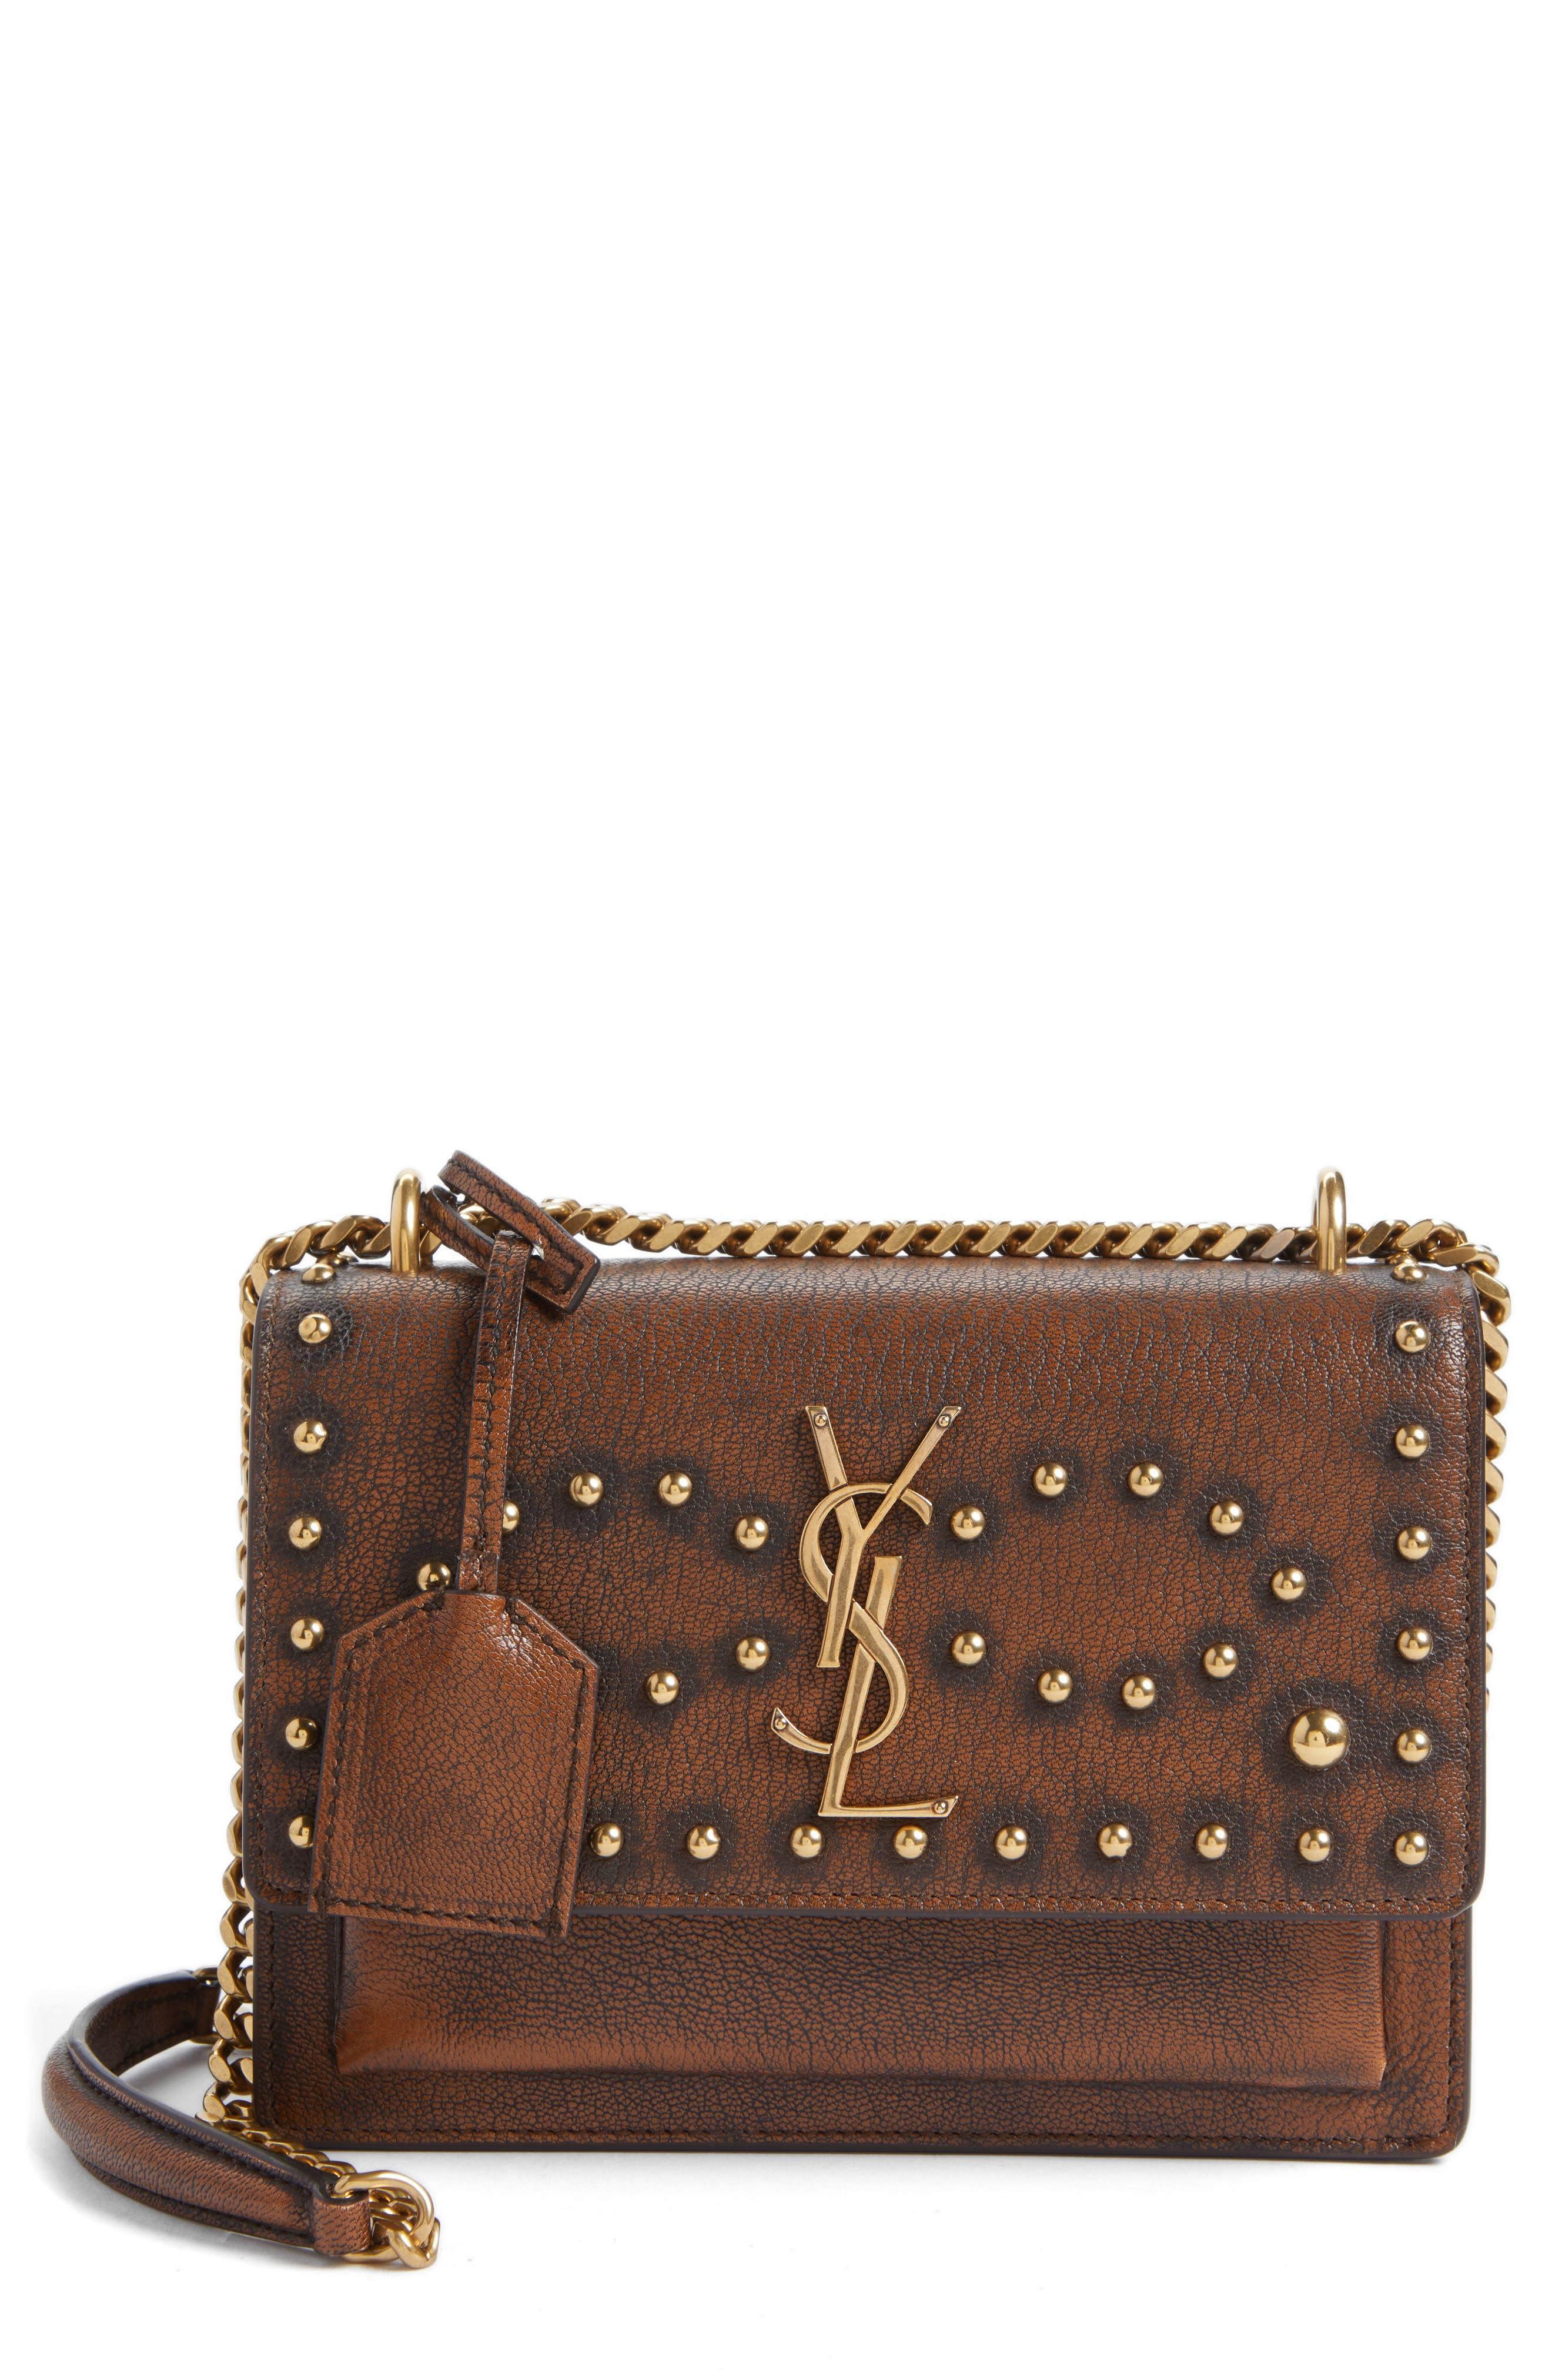 Main Image - Saint Laurent Small Sunset Studded Vintage Leather Shoulder Bag